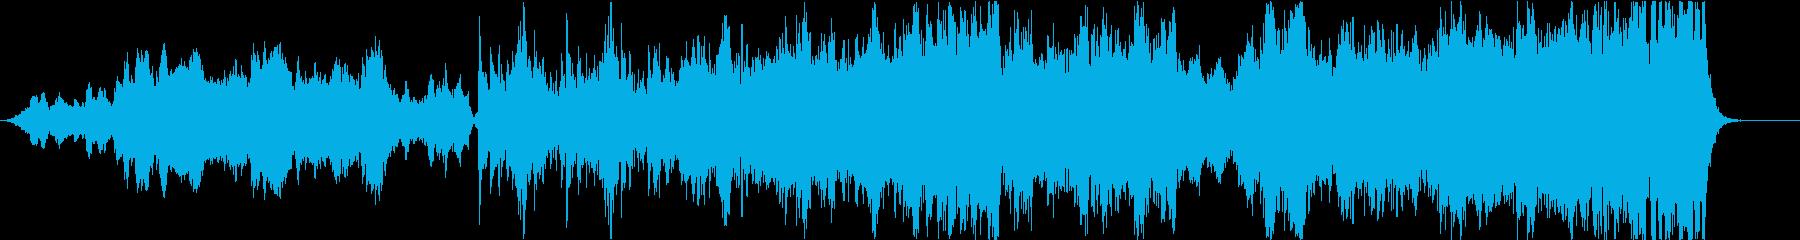 中世風の壮大なオーケストラ-短縮版の再生済みの波形